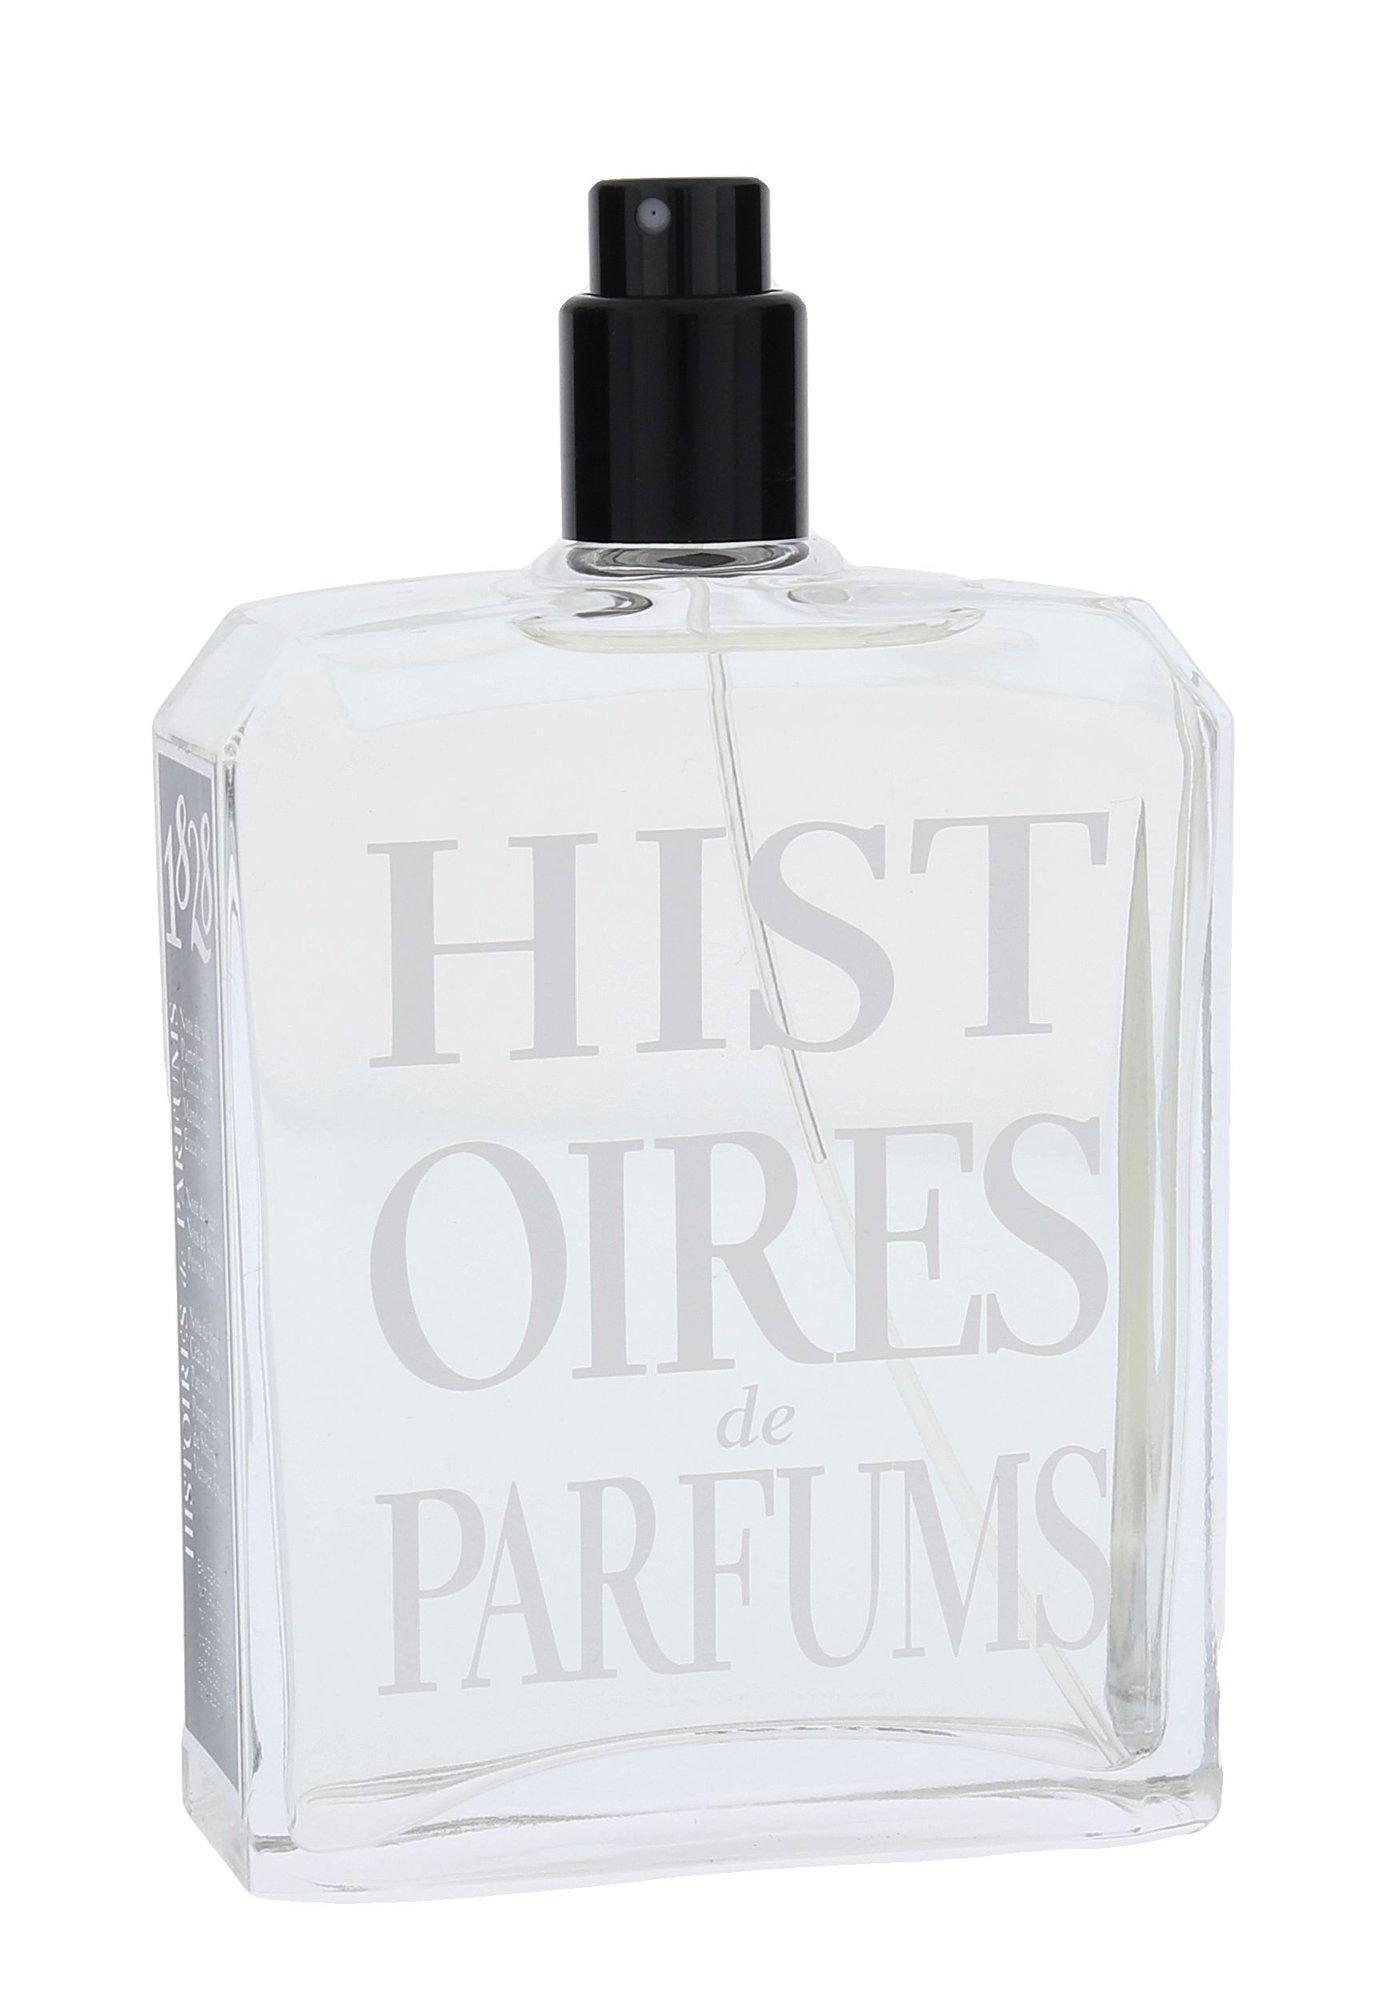 Histoires de Parfums 1828 EDP 120ml